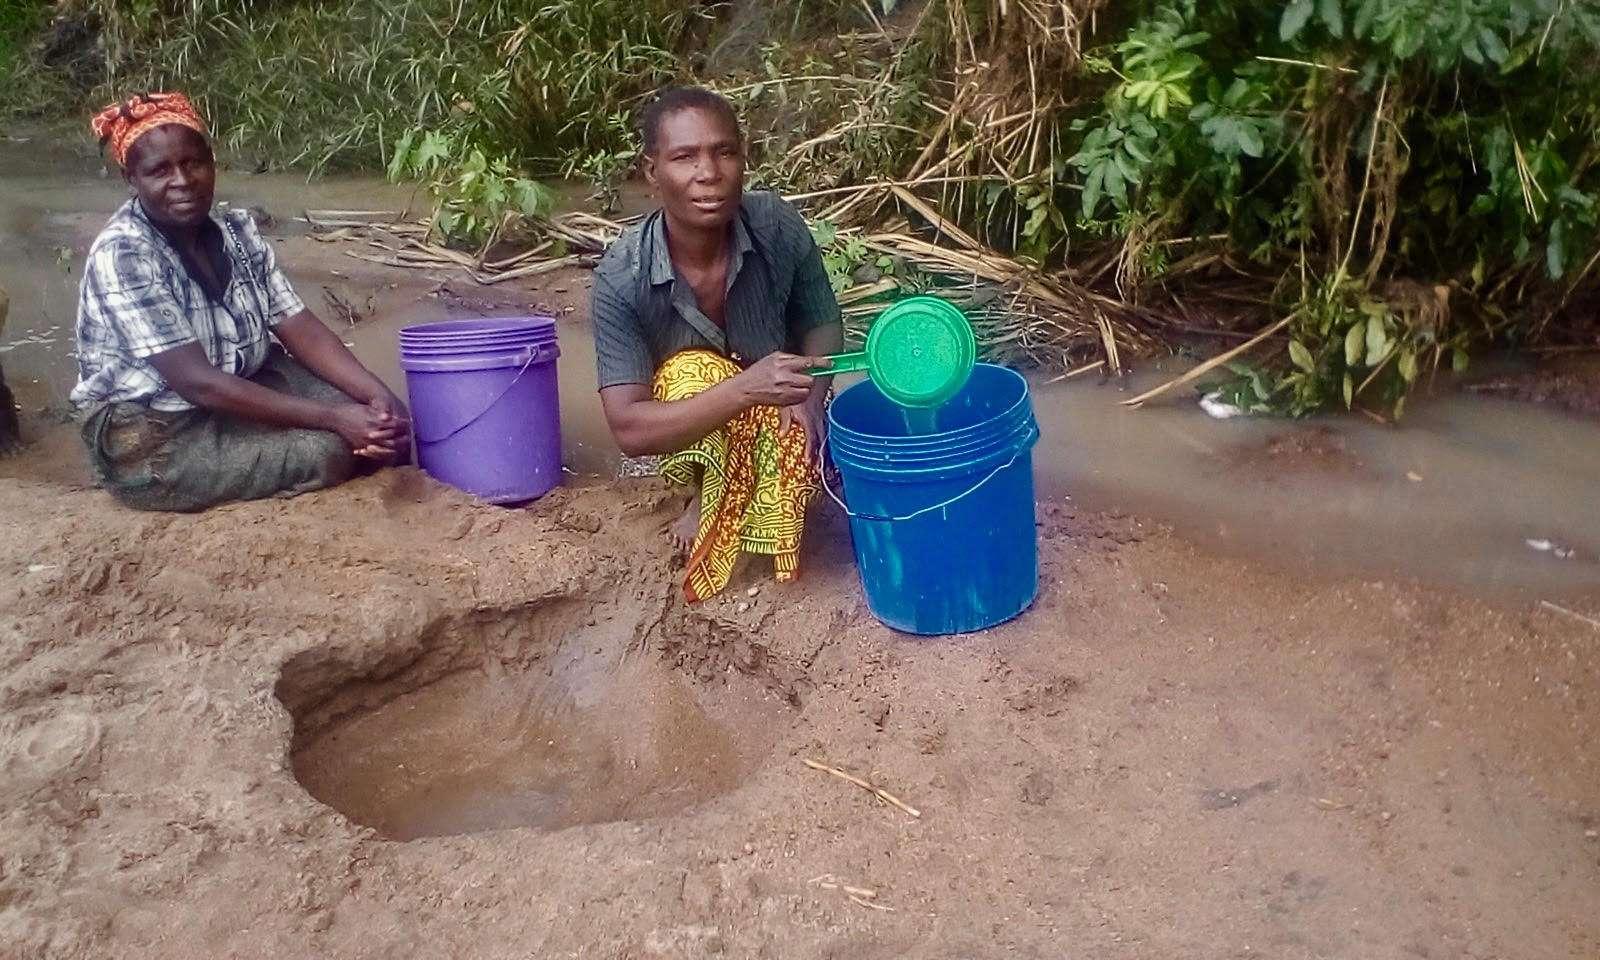 Malawi Image 2